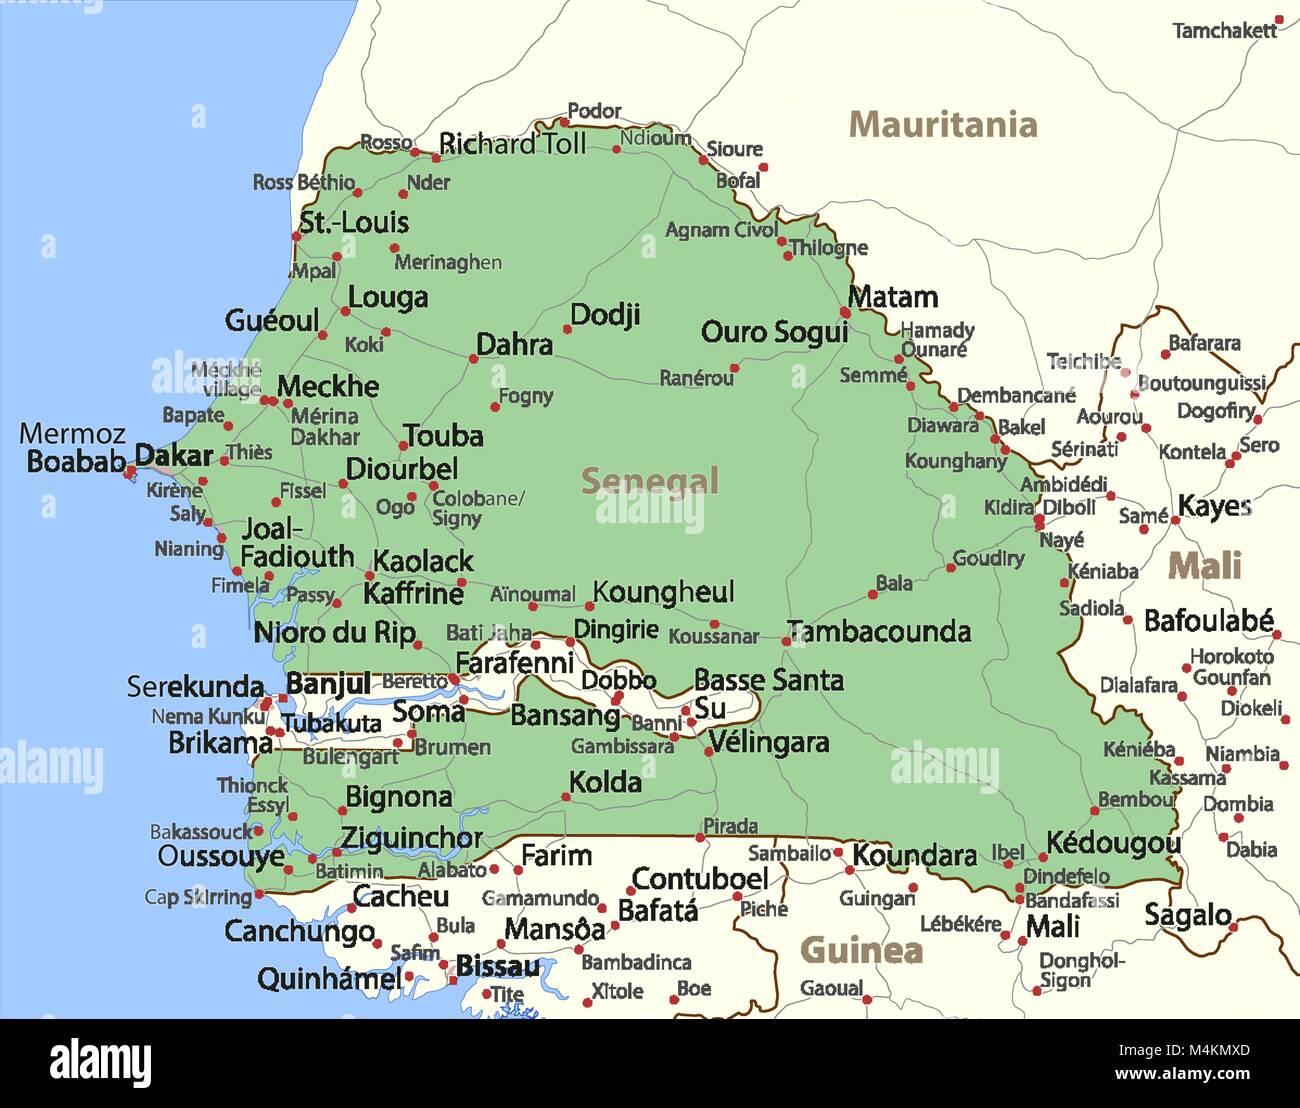 Mapa De Senegal Muestra Las Fronteras De Los Paises Las Zonas